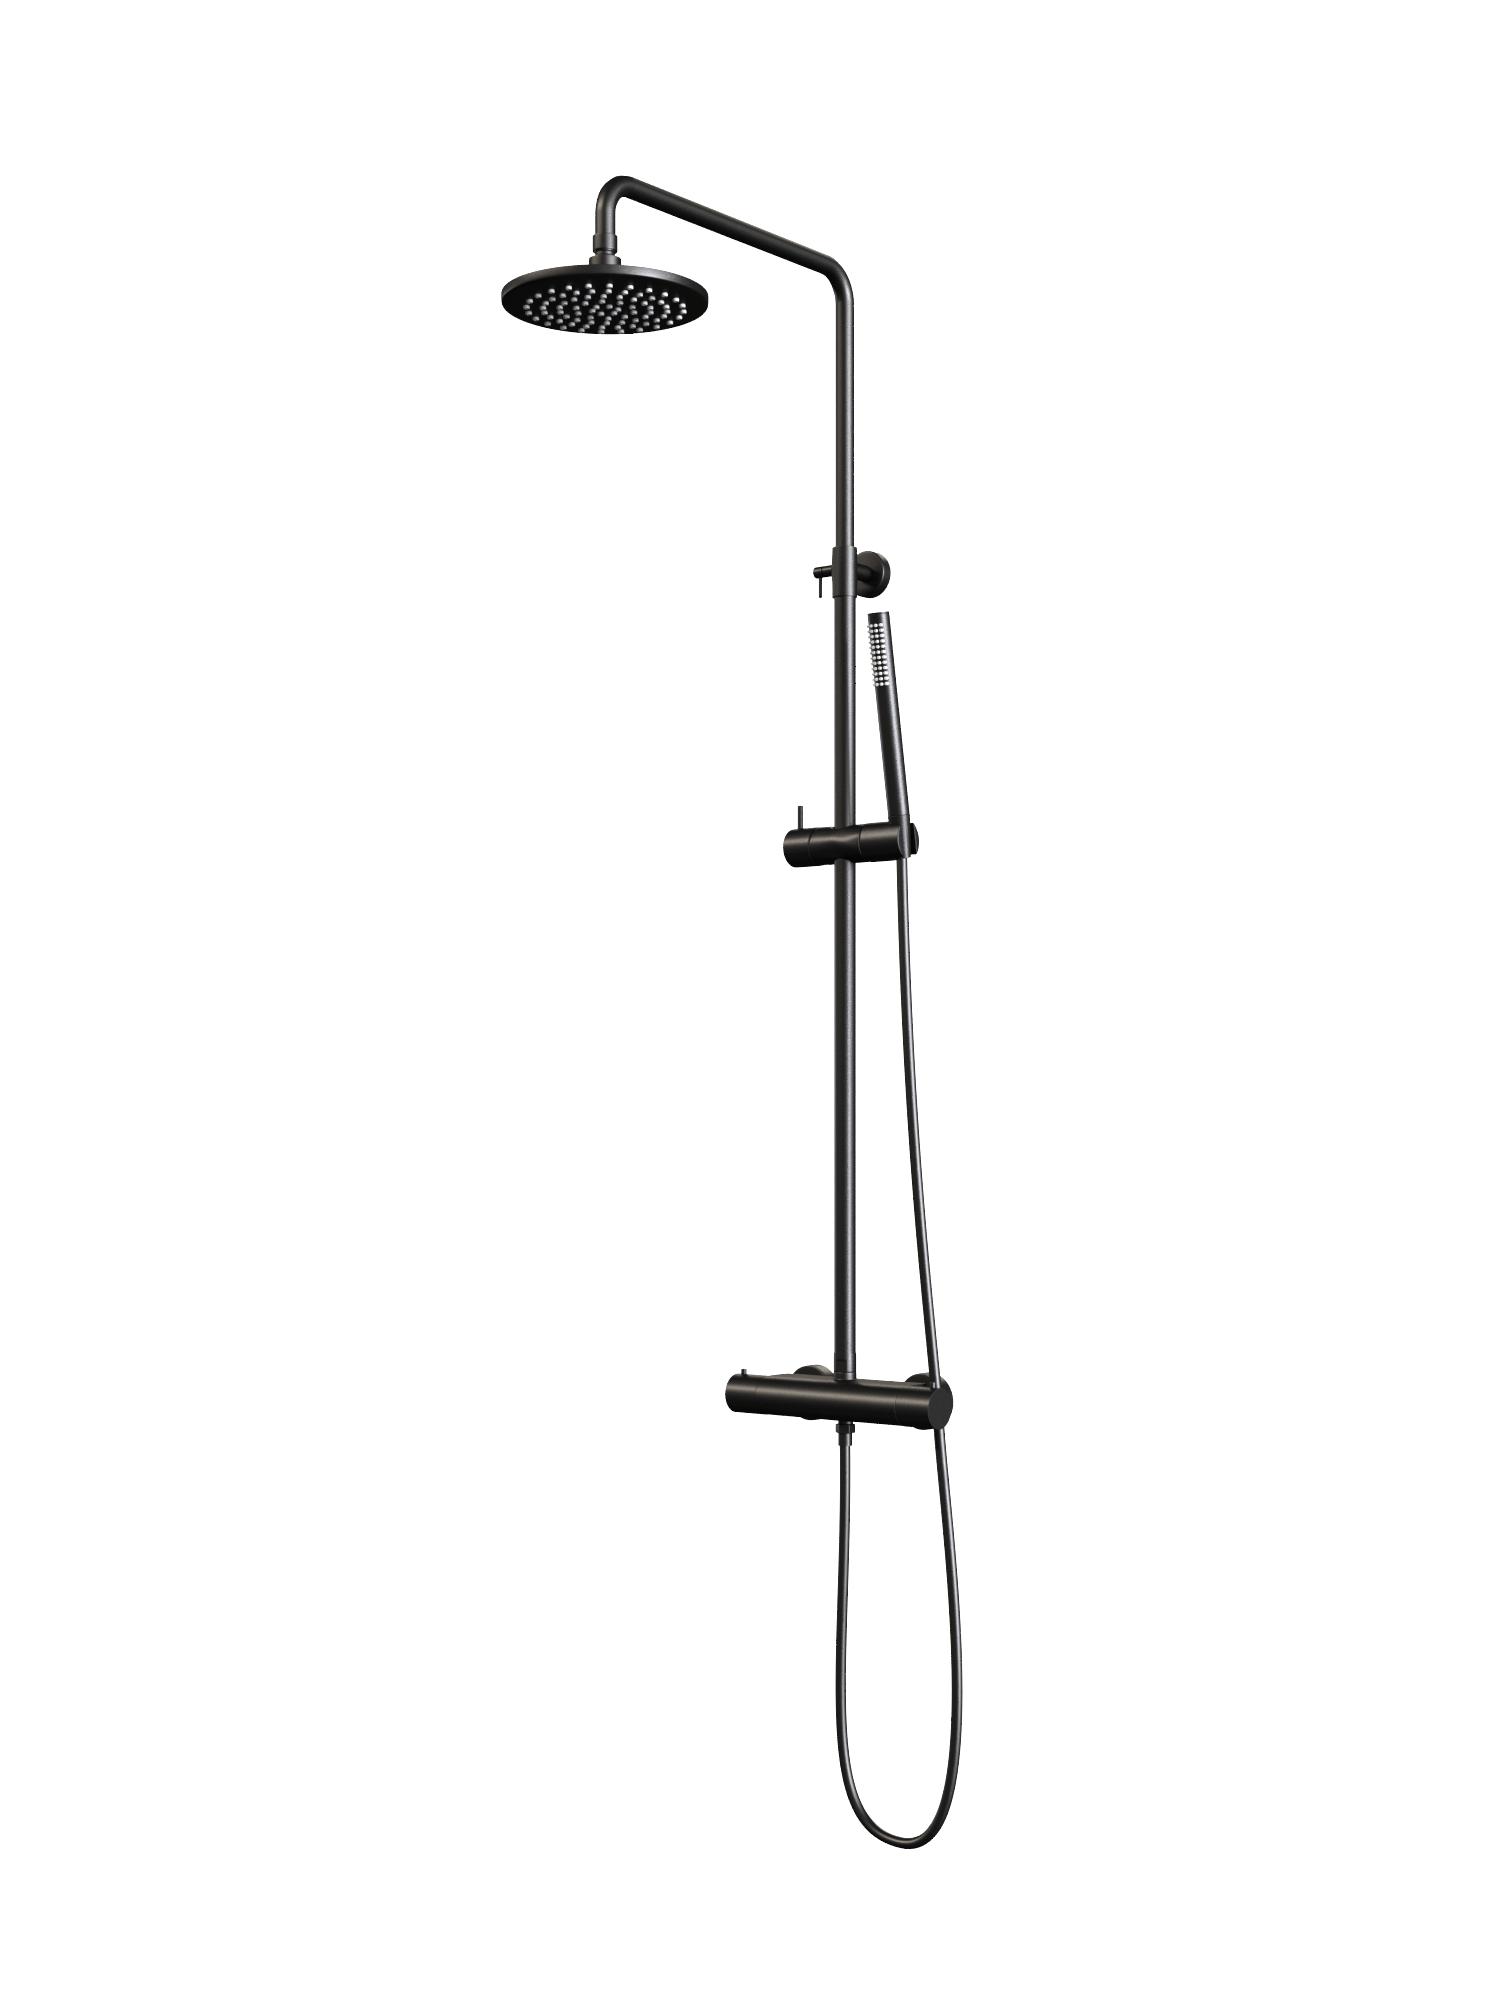 Regendouche Brauer Black Showerpipe met Thermostaat 20cm Mat Zwart